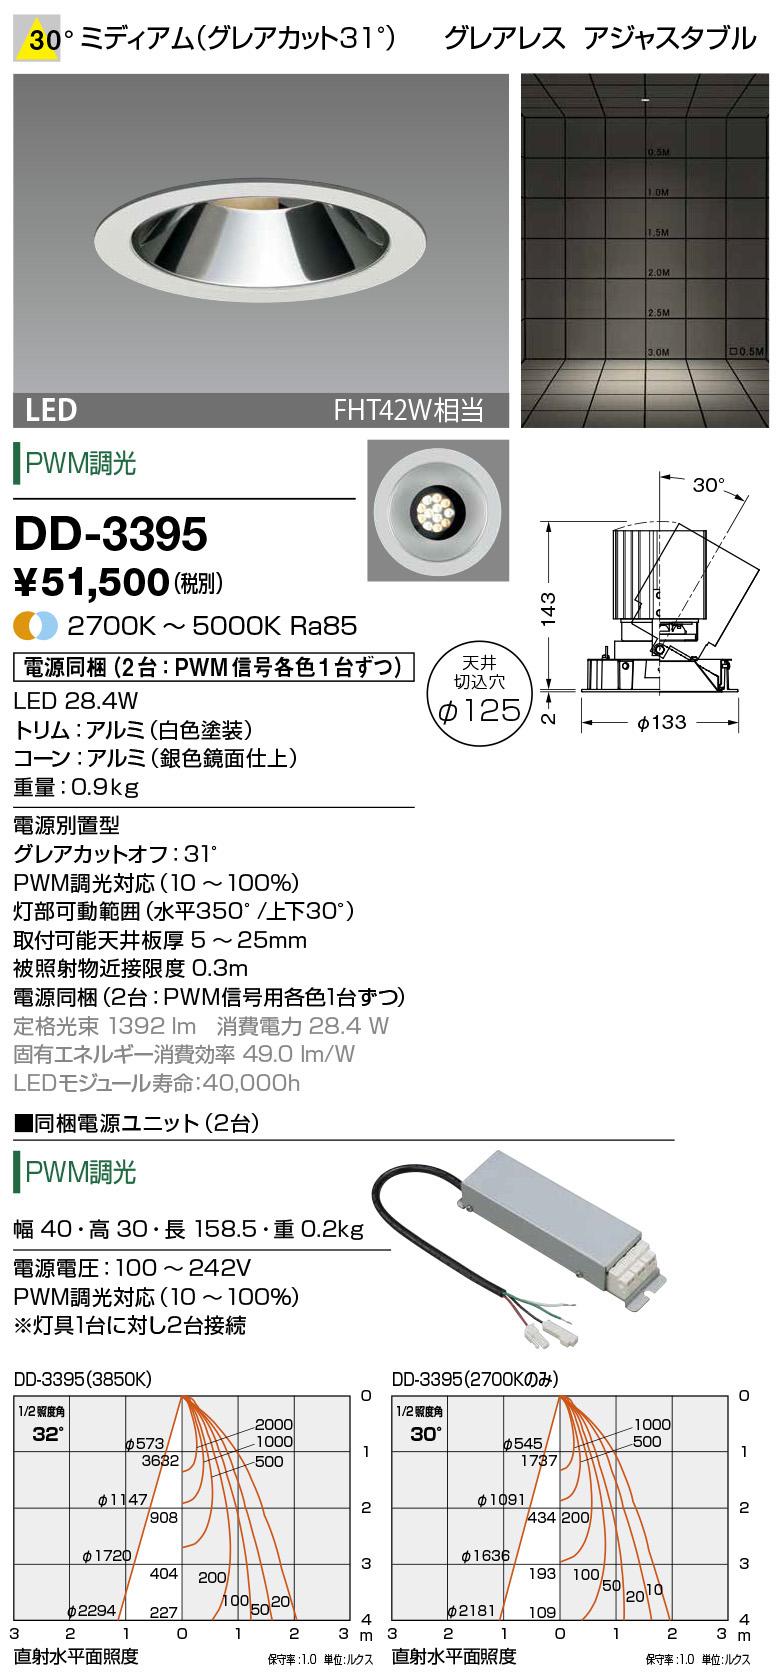 山田照明 照明器具LED一体型ダウンライト モルフシリーズグレアレス アジャスタブル調色調光タイプ FHT42W相当DD-3395